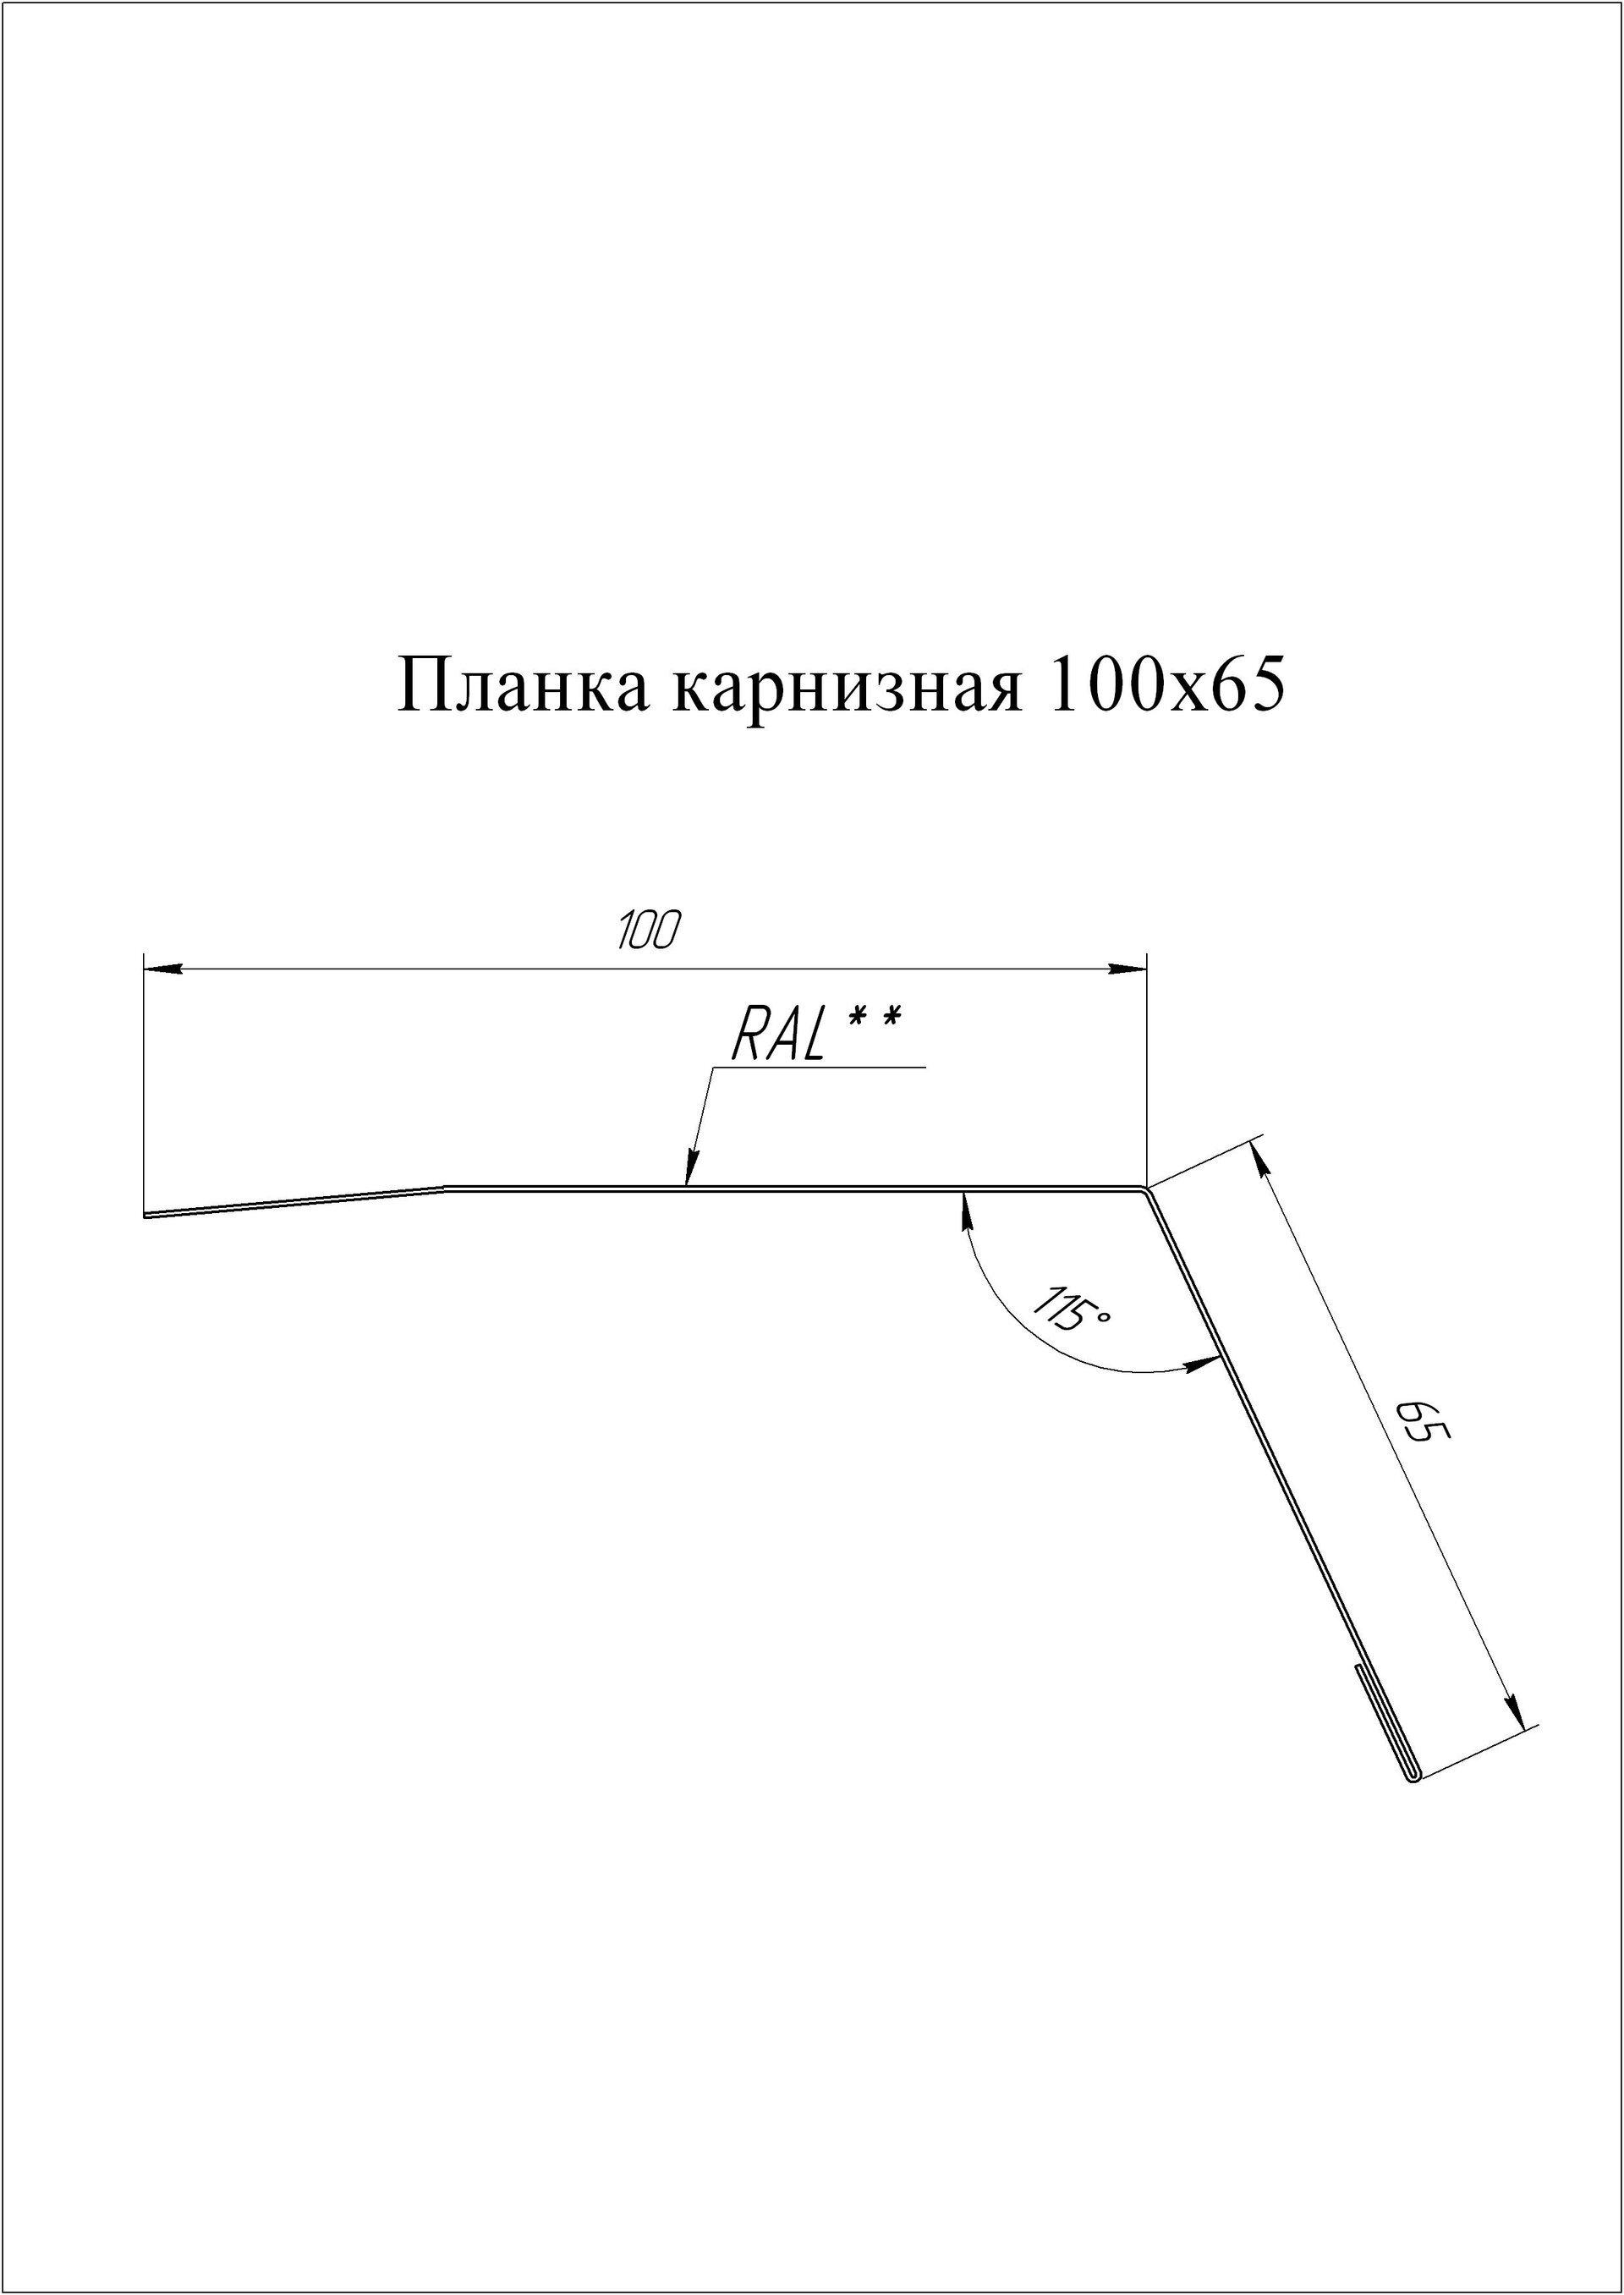 pic_4a139f0335b1cd7_1920x9000_1.jpg